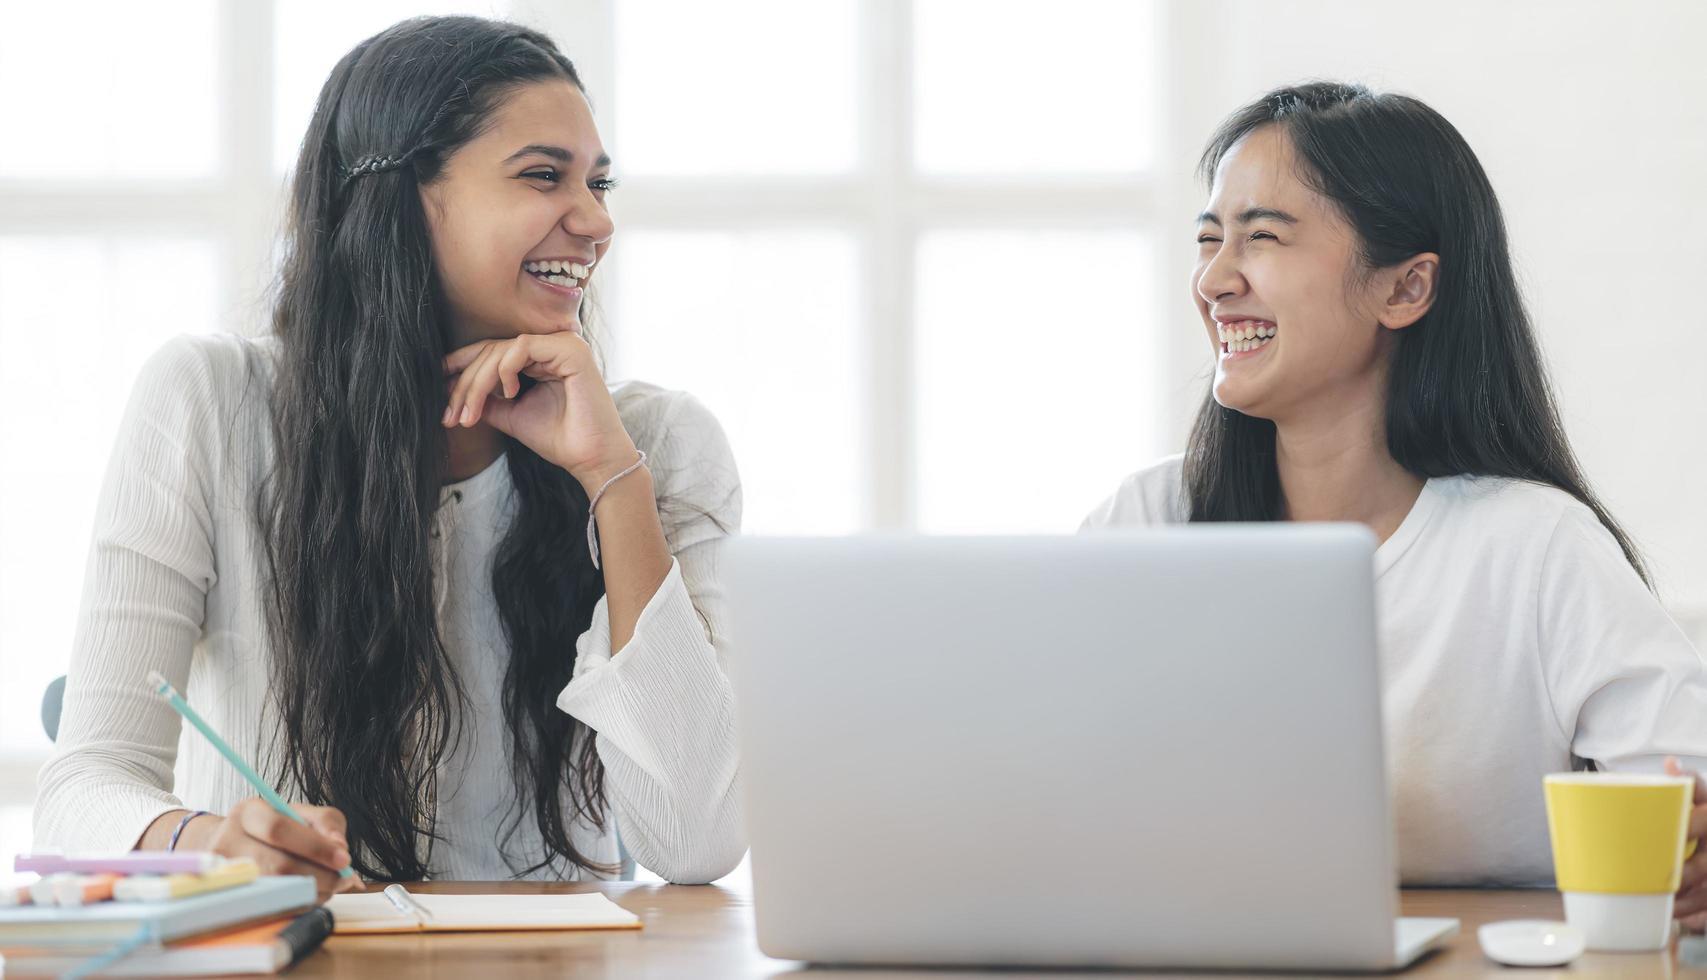 deux jeunes femmes socialisant à la maison photo